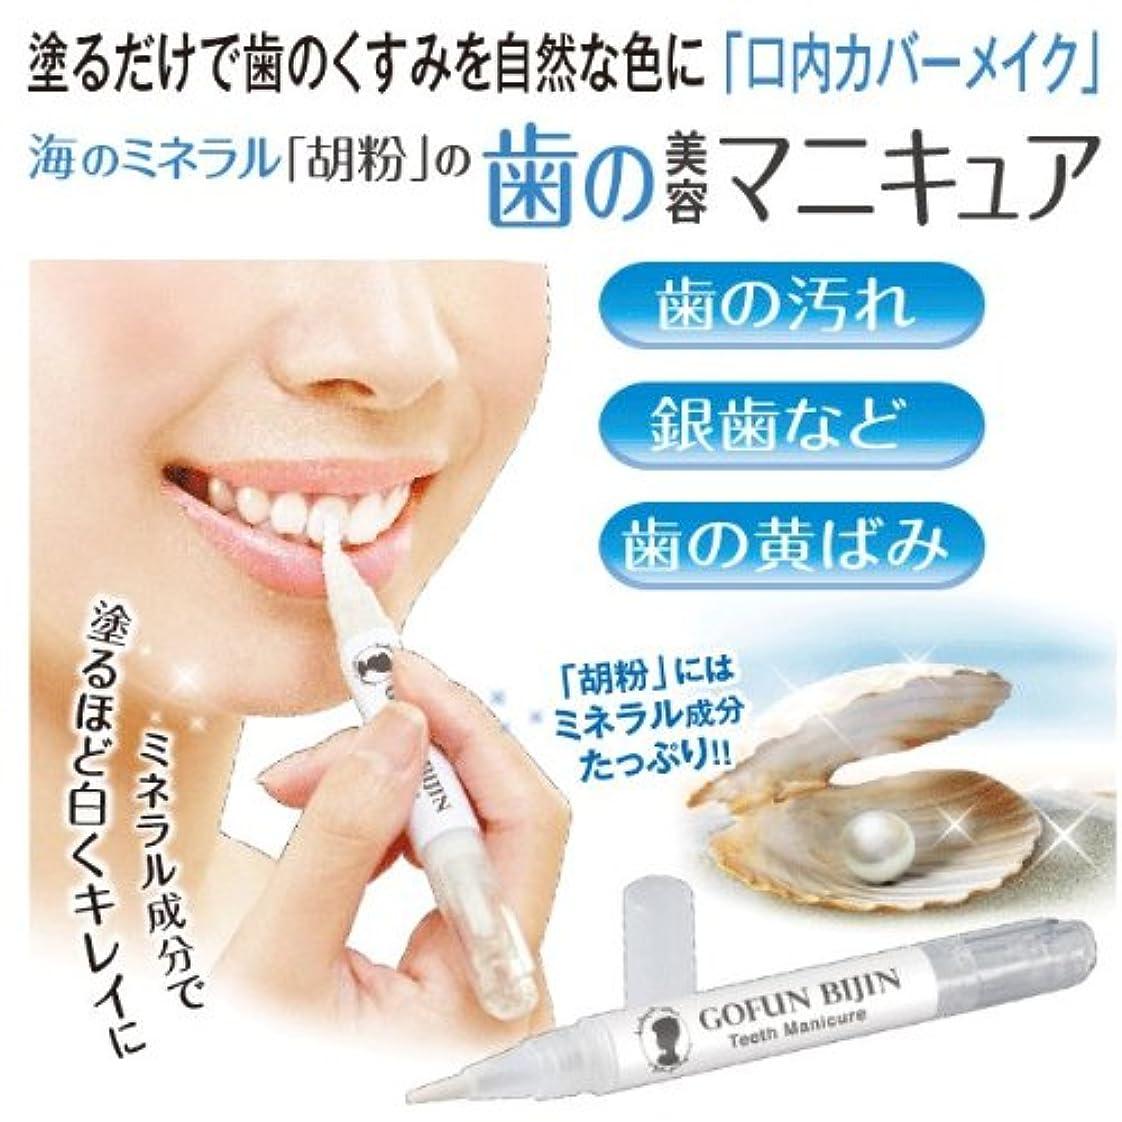 系統的ブリード謝罪する胡粉美人 歯マニキュア 歯にミネラルを補給してキレイに